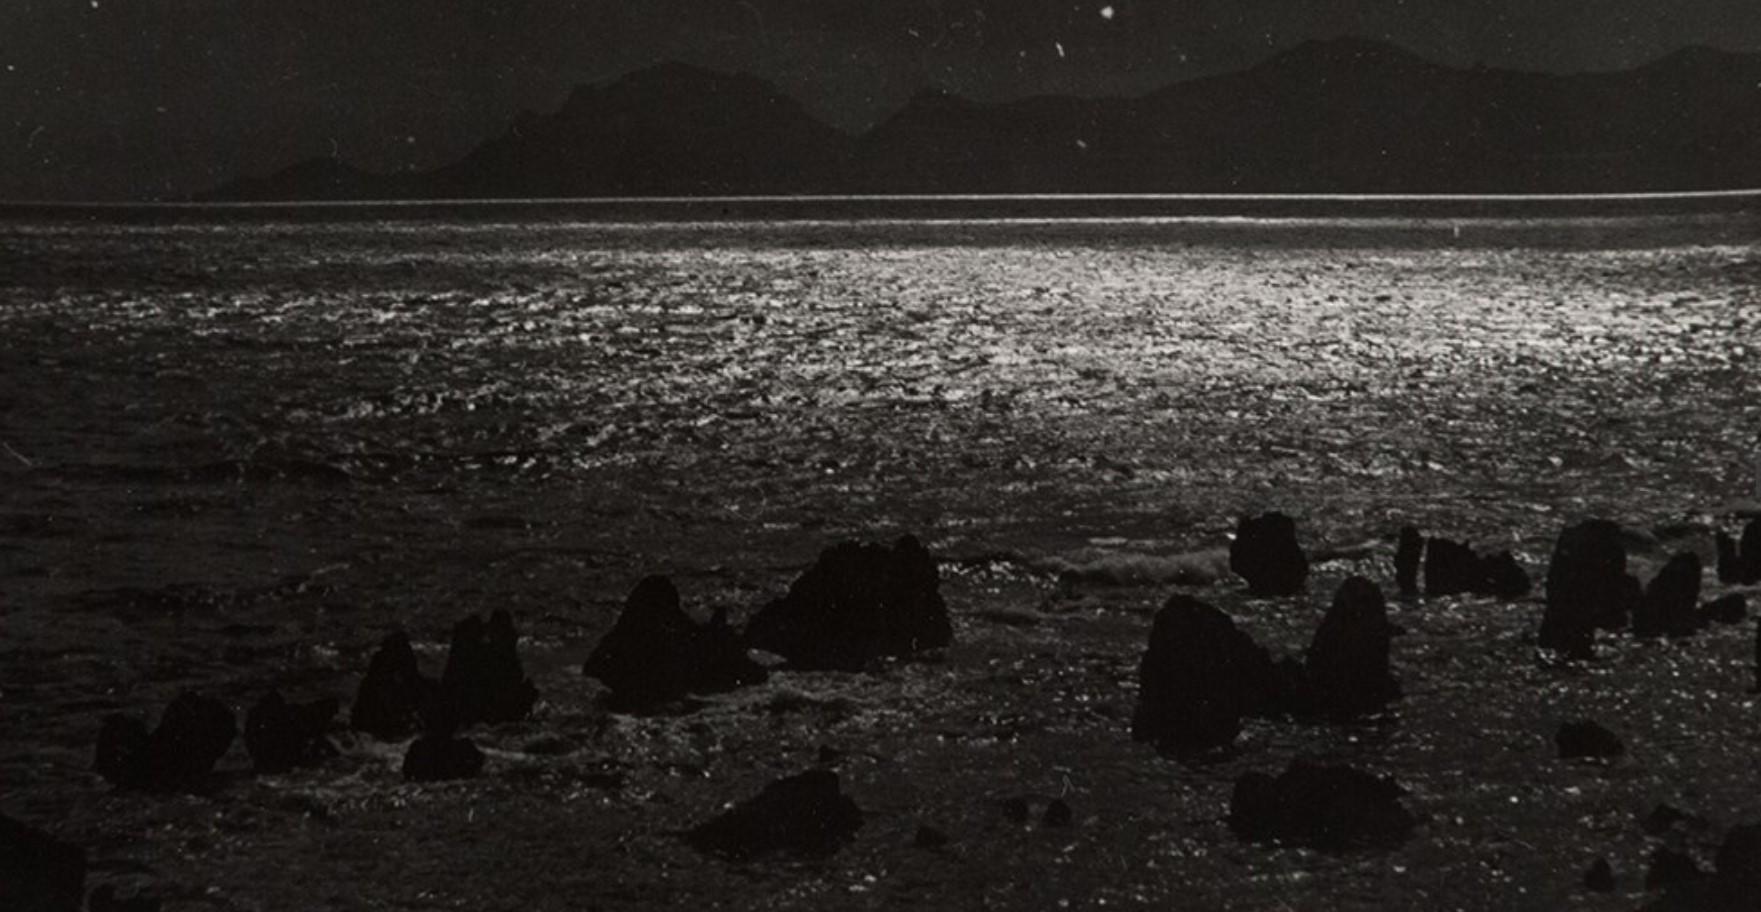 1931. Ночные фотографии (фрагмент)